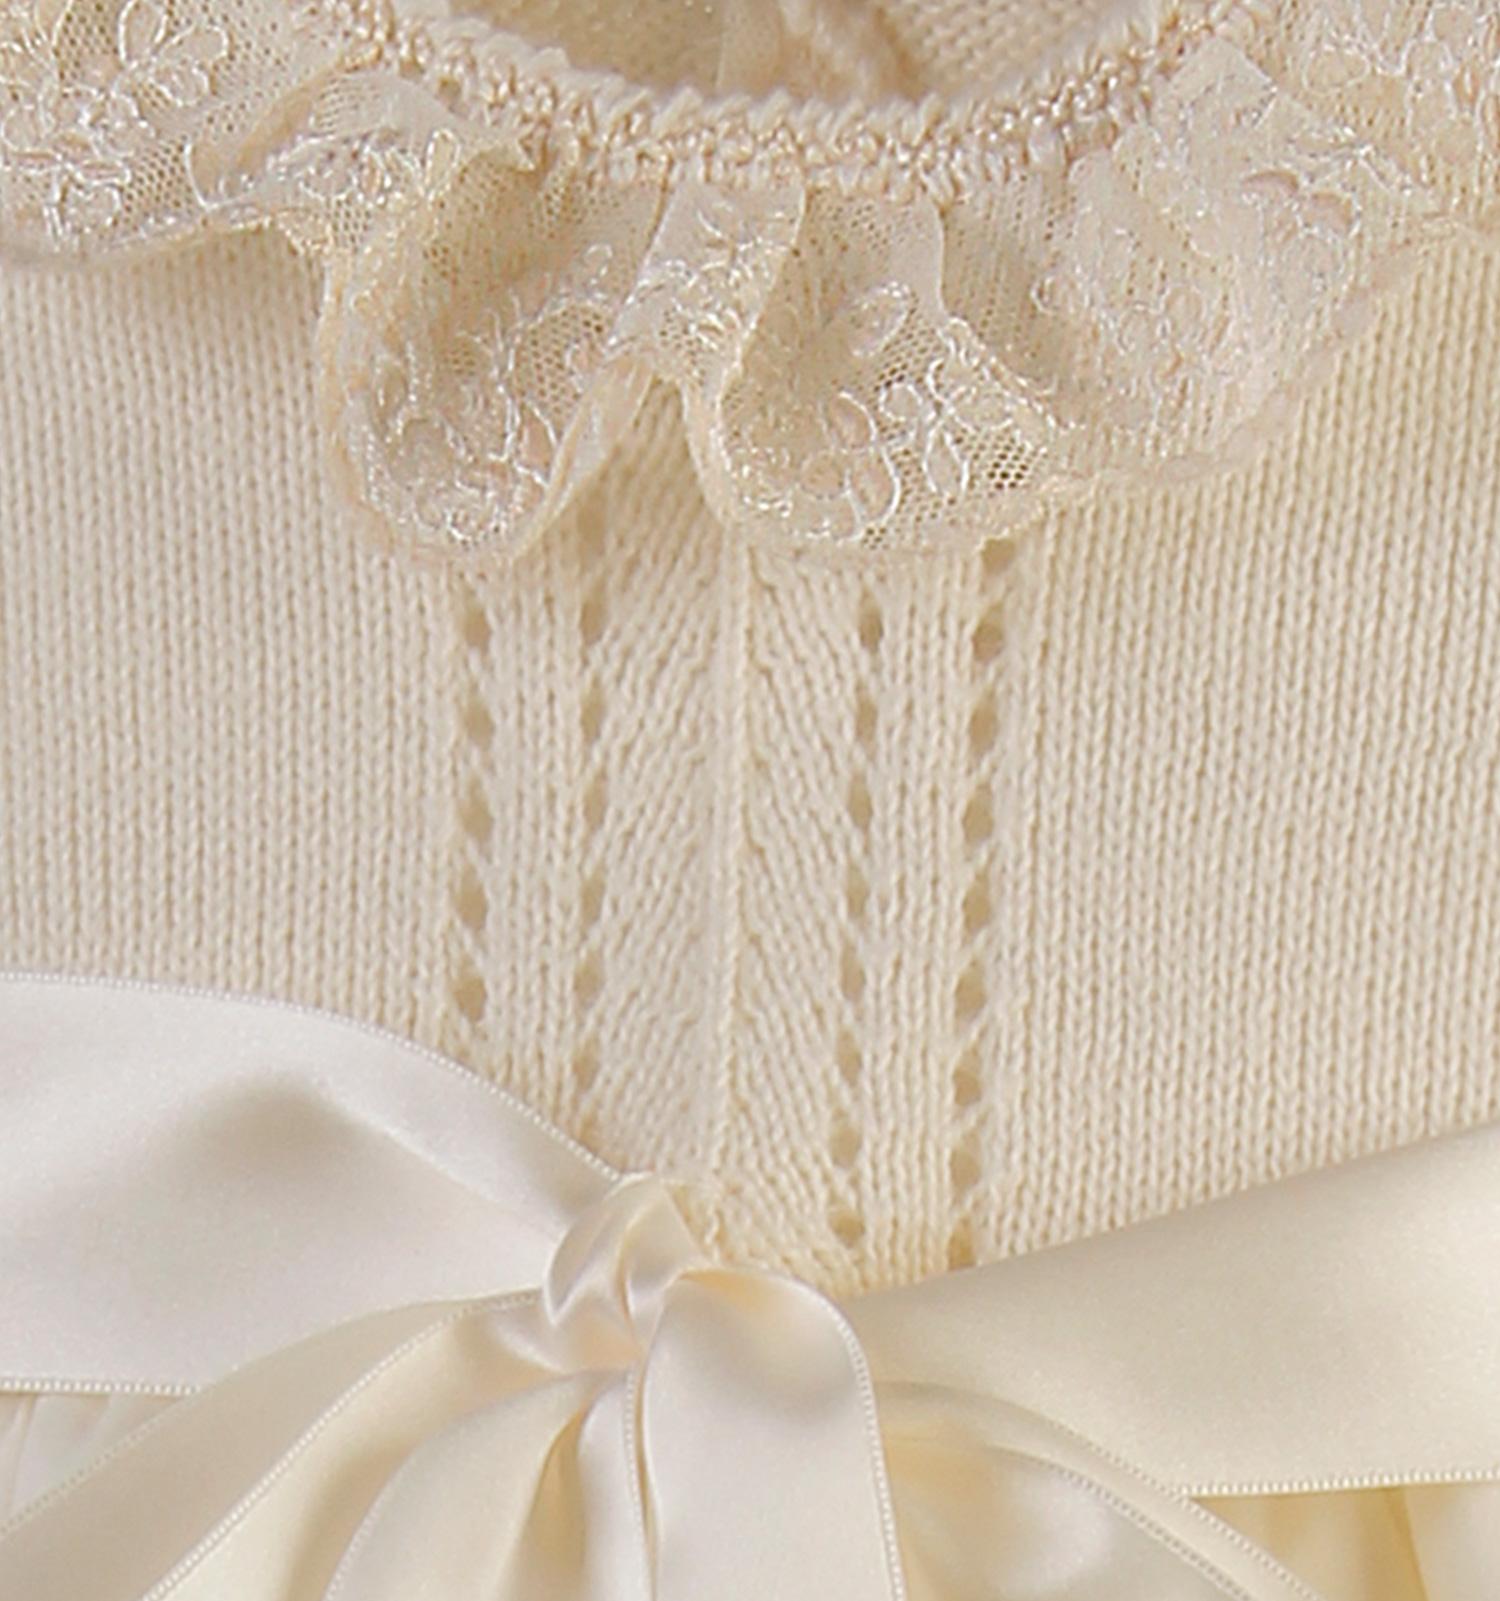 C419 - Cuerpo punteado en linea vertical en lana merino